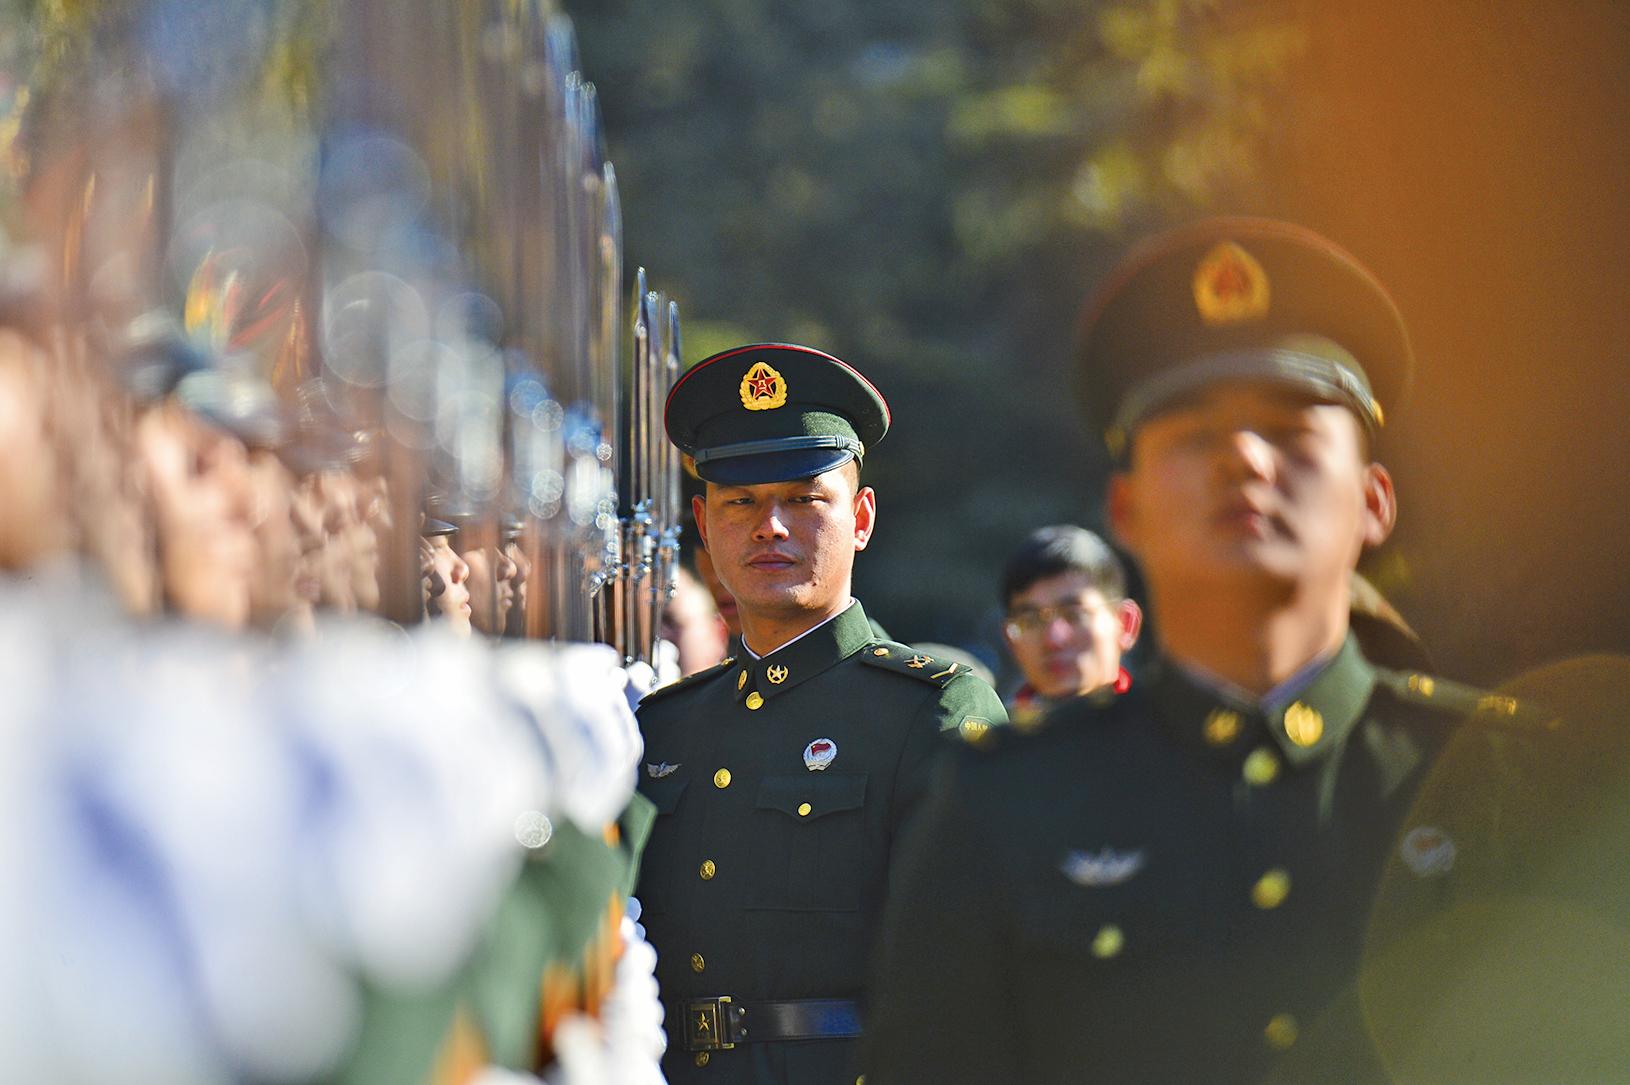 2018年中共國防預算將增8.1%,達到1.11萬億元(約合1,750億美元),再次引發多國擔憂。(Getty Images)